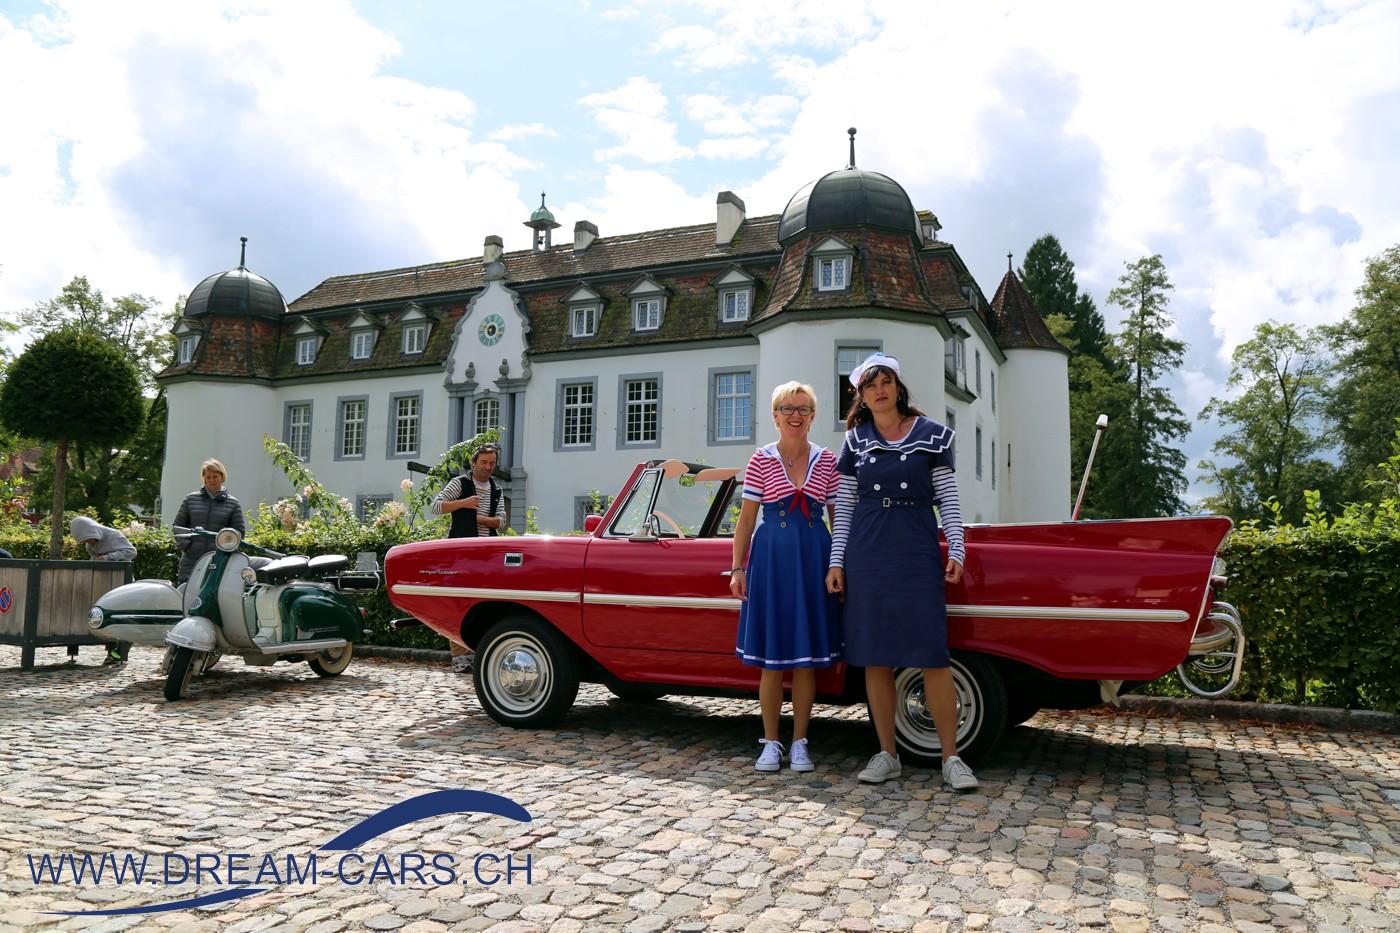 Internationales Oldtimertreffen Bottmingen 2017. Die beiden Ladies mit ihrem Amphicar vor dem Weiherschloss in Bottmingen